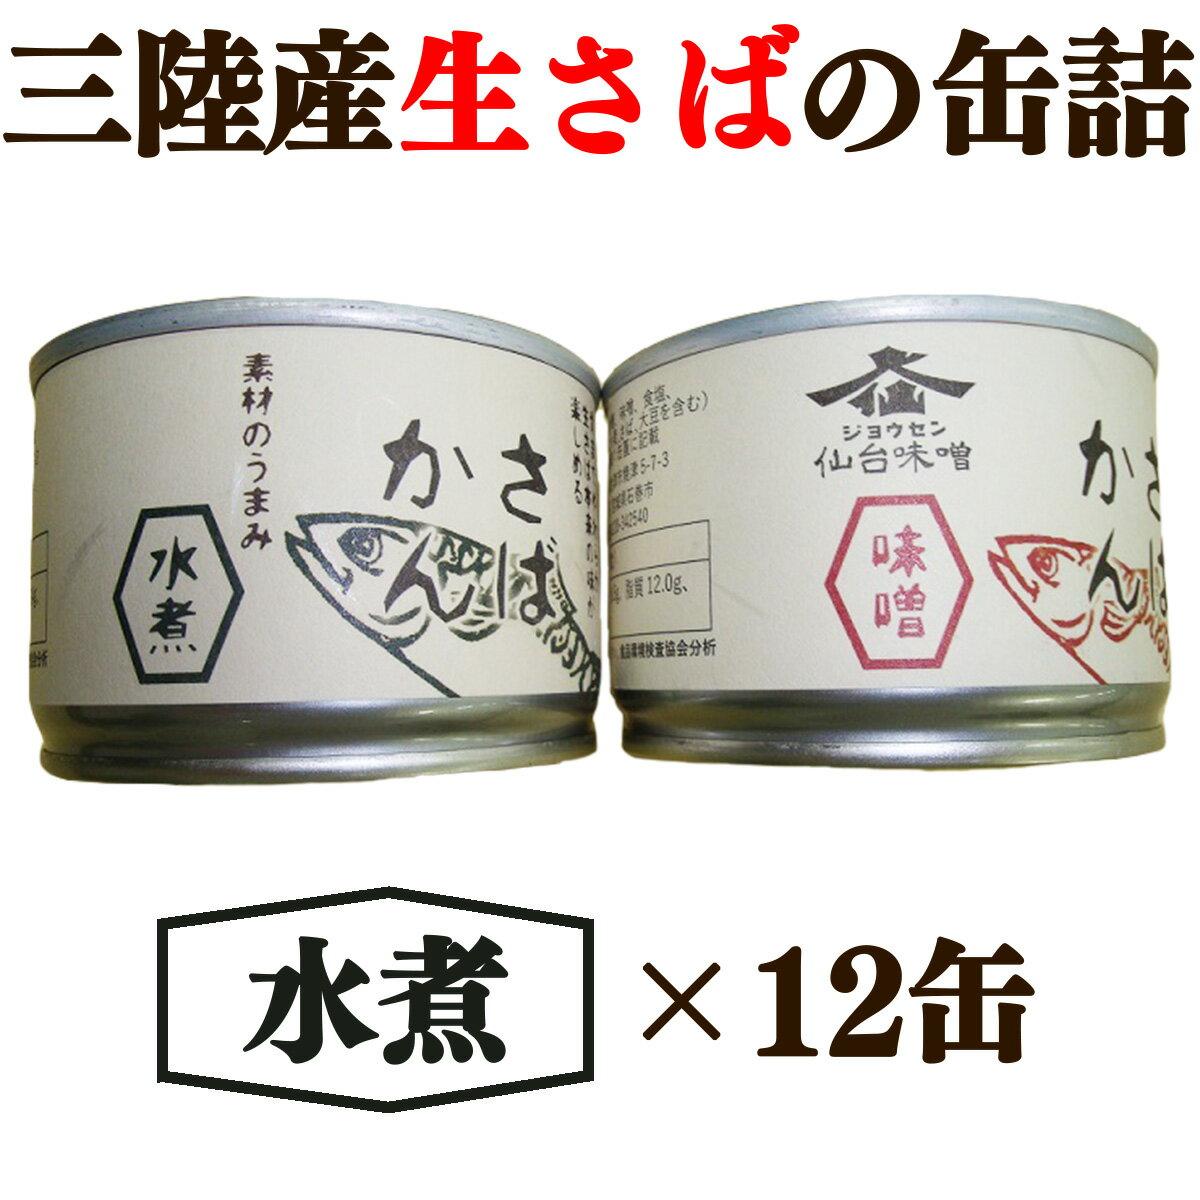 【ふるさと納税】三陸産 生さばの缶詰12缶入 (水煮)